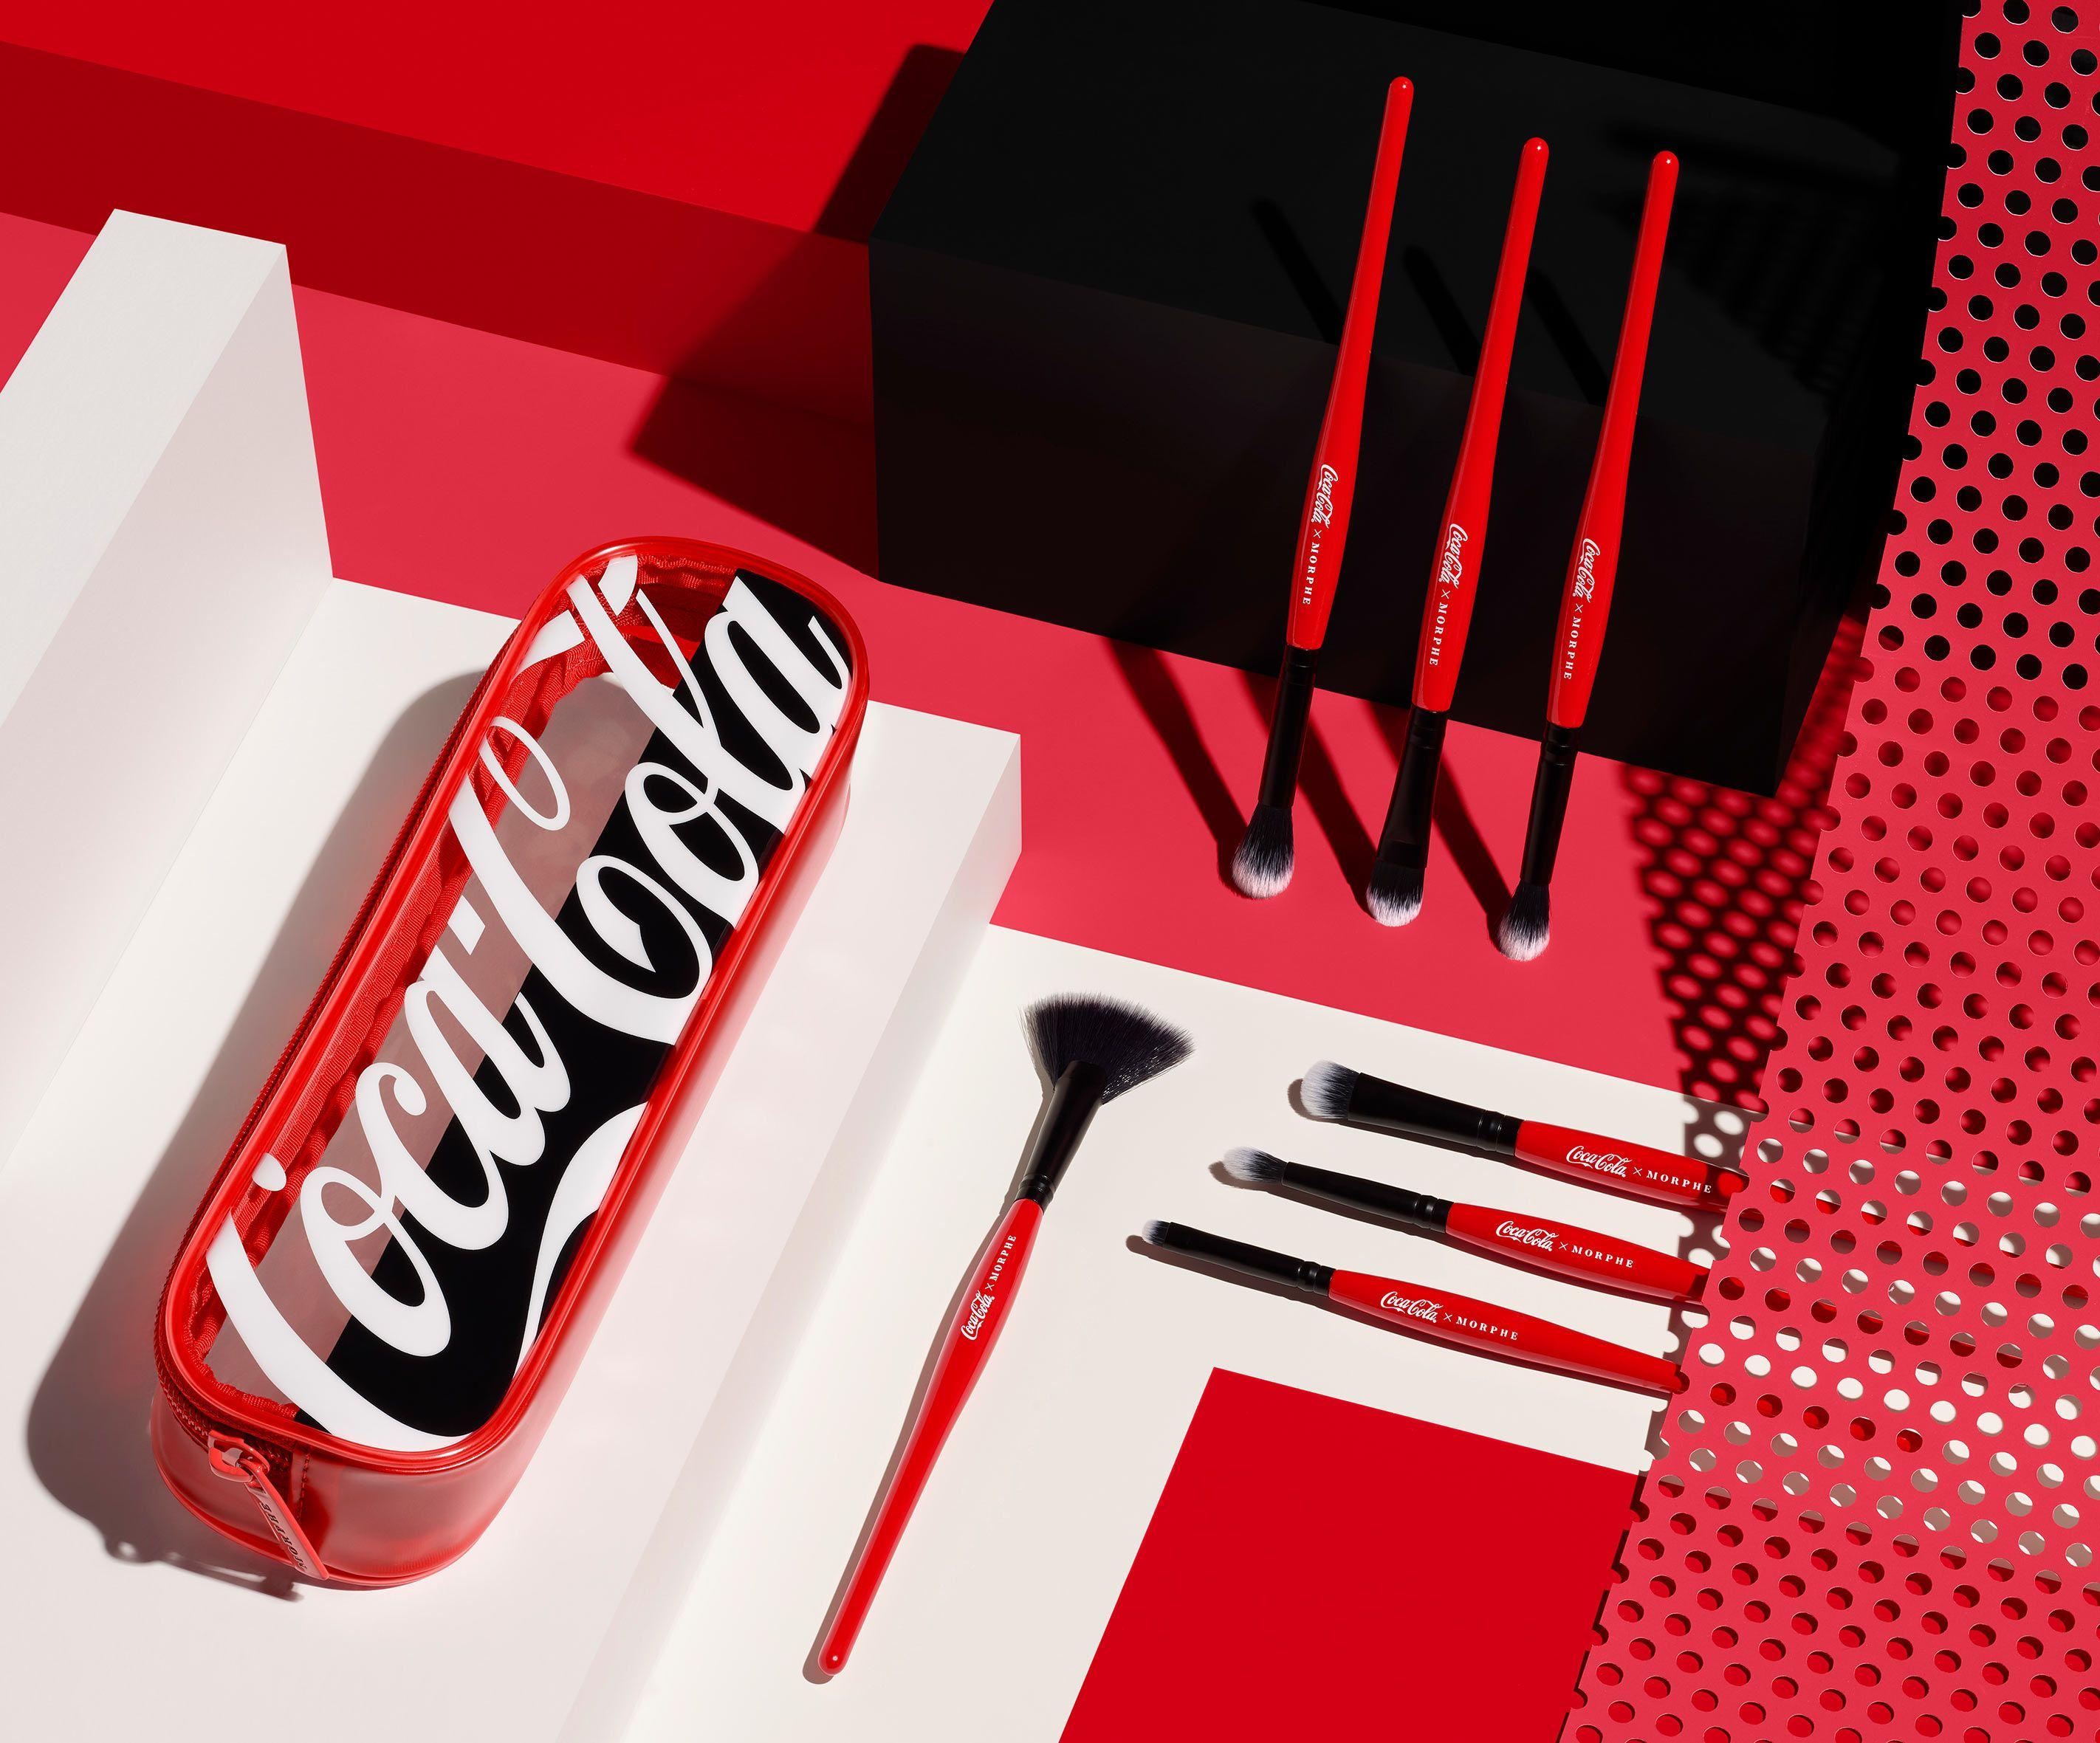 Coke_Brushset_Stylized.jpg